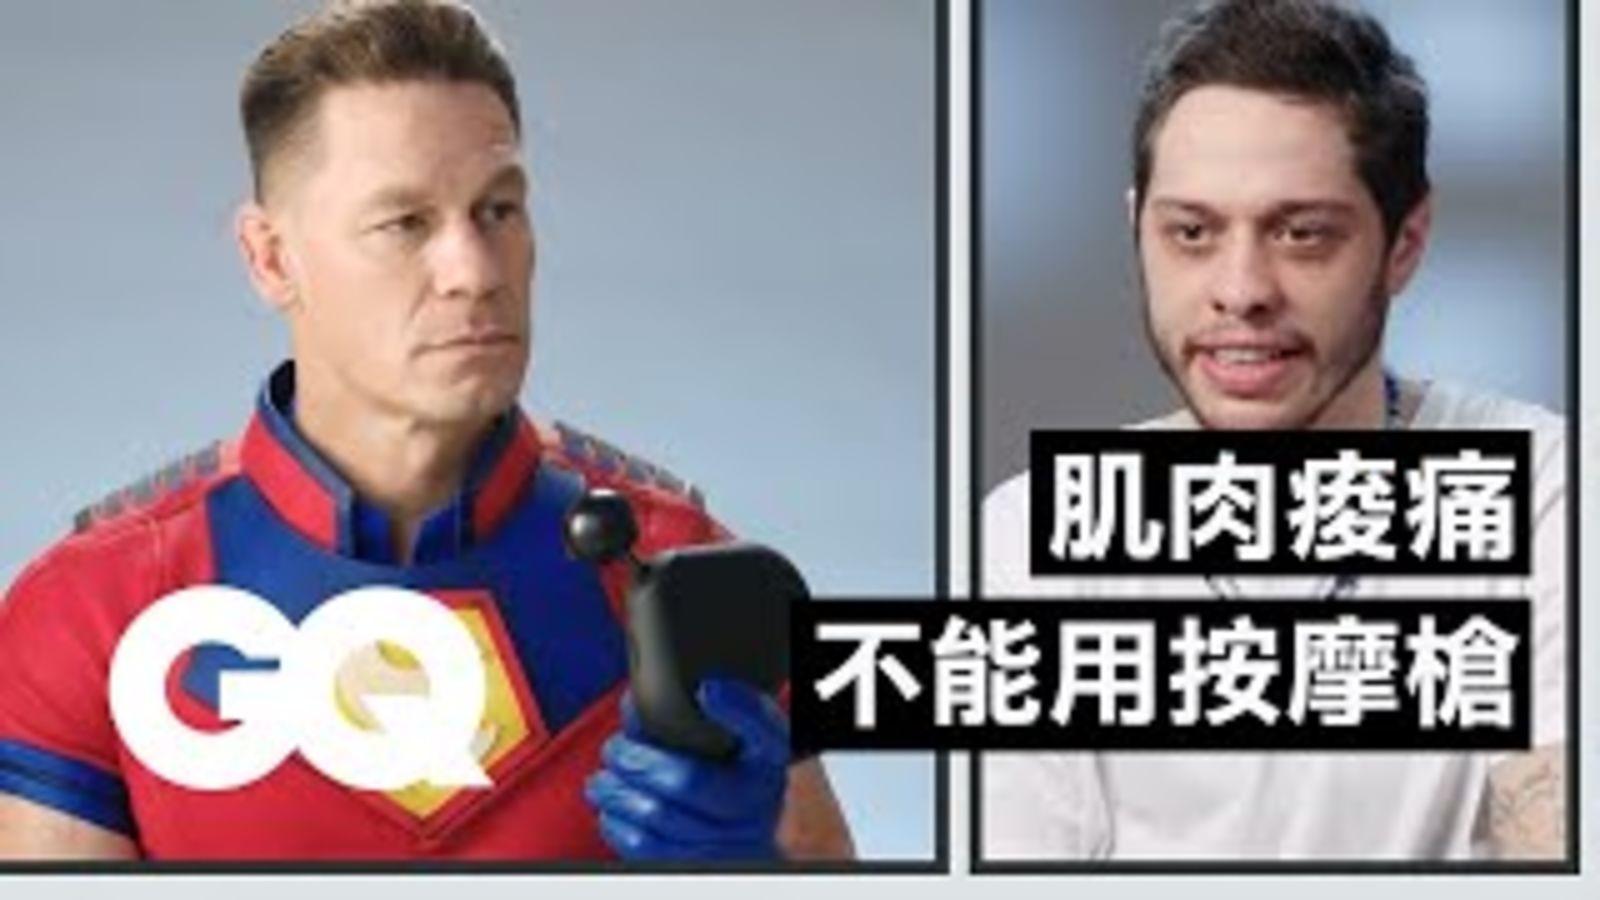 《自殺突擊隊:集結》約翰希南與皮特戴維森 測試五種健身器材值得買嗎?John Cena & Pete Davidson Test Workout Gadgets|名人專業問答|GQ